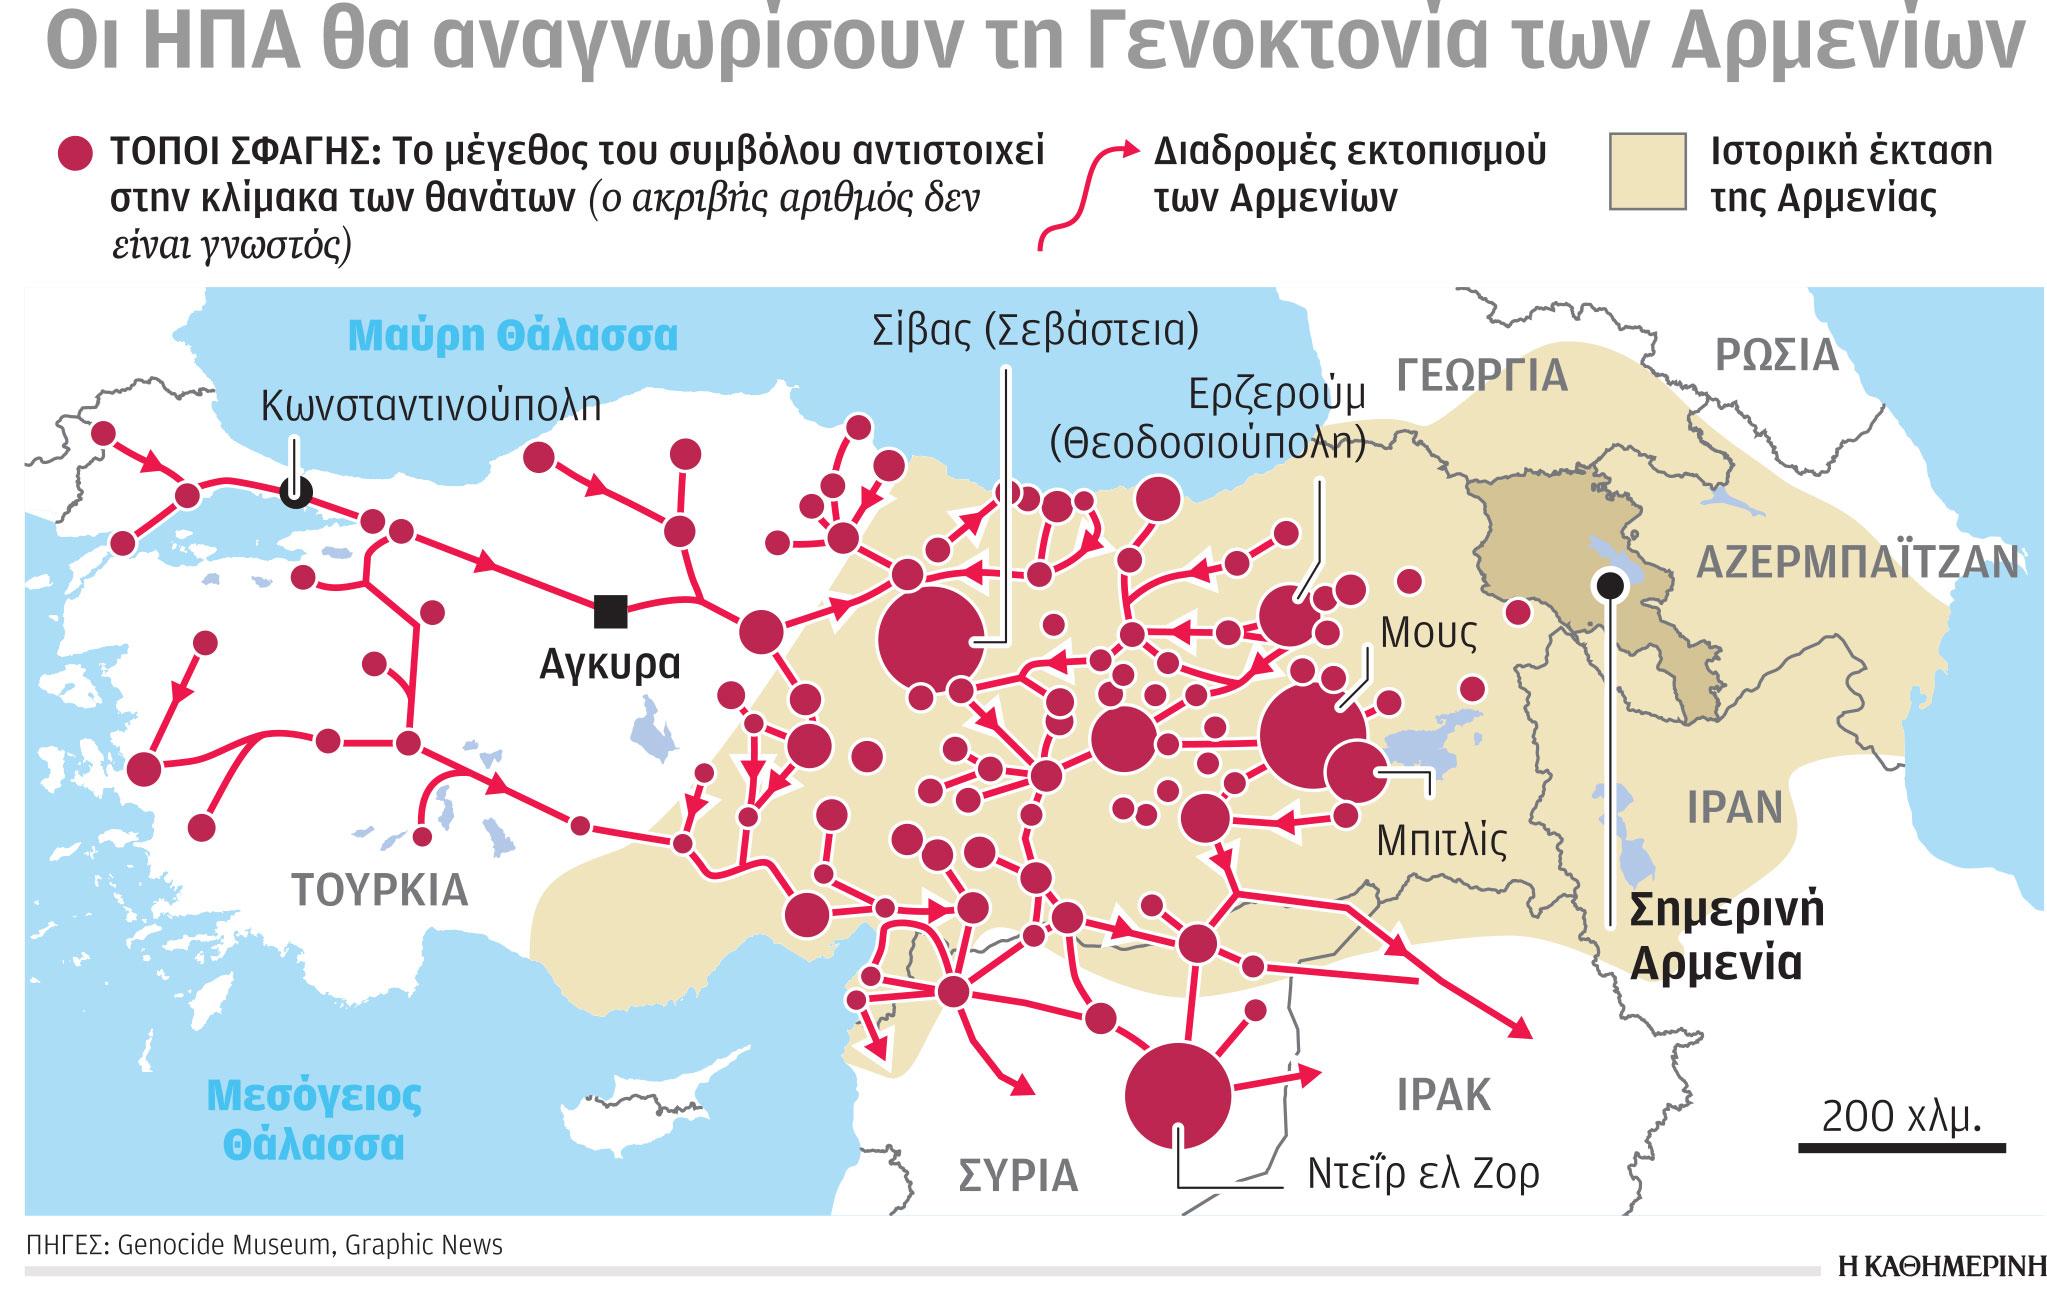 genoktonia-armenion-vary-pligma-mpainten-kata-tis-agkyras1